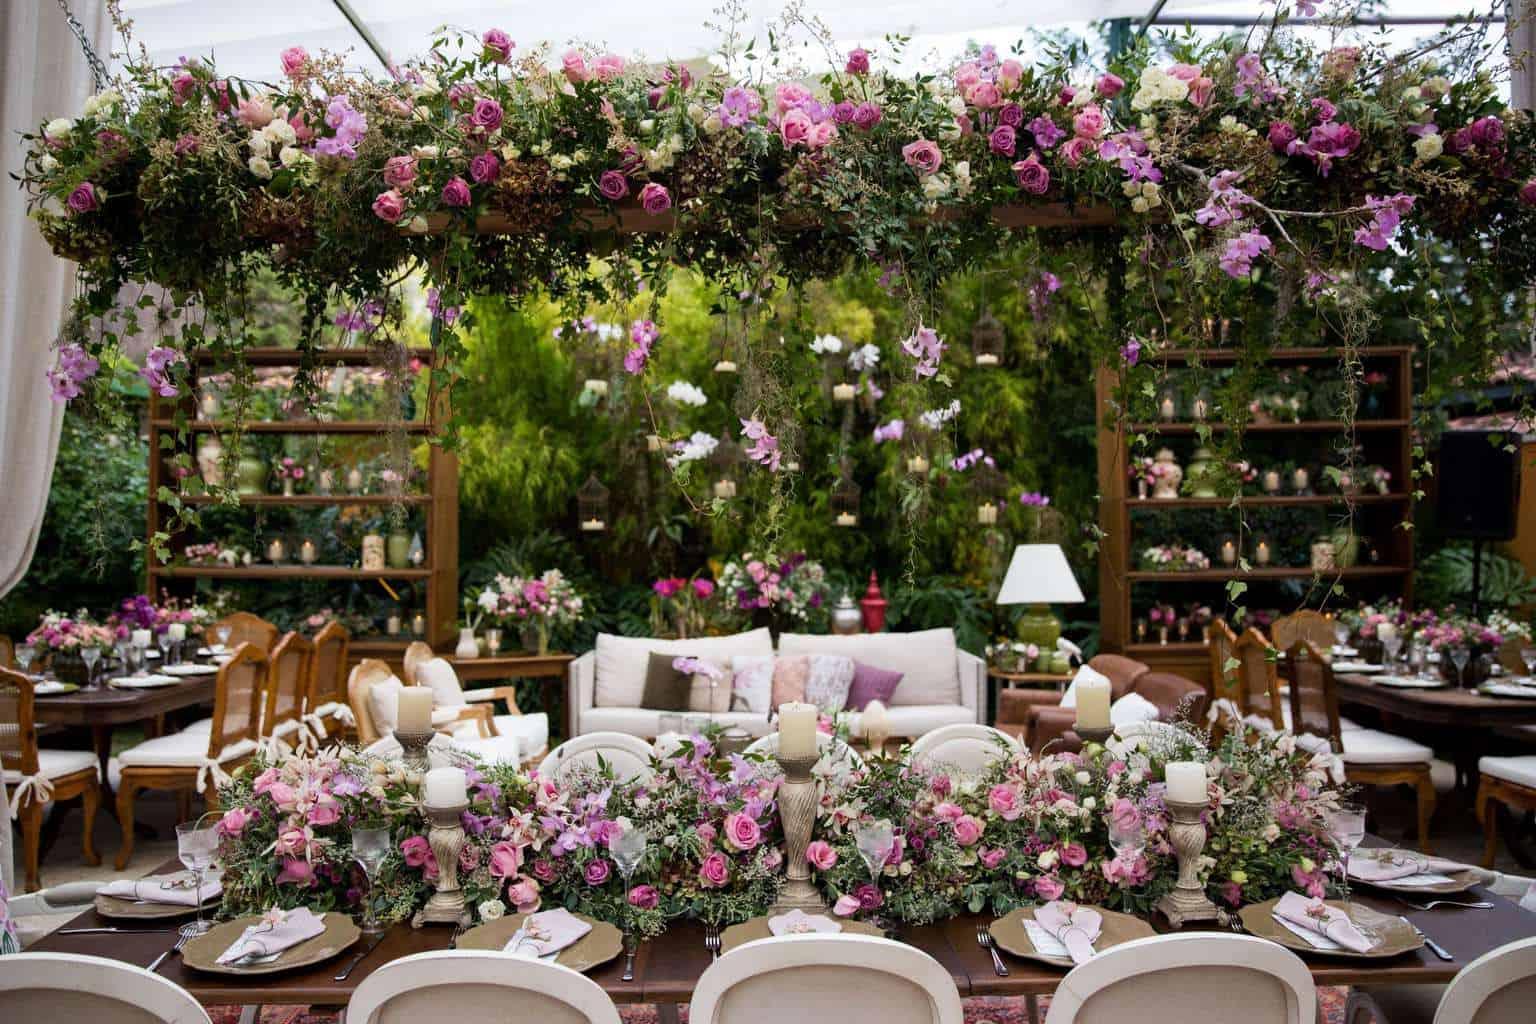 Andrea-Kapps-casamento-de-dia-casamento-na-serra-casamento-romântico-casamento-tradicional-decor-festa-decoração-Locanda-de-La-Mimosa-noiva-rosa-e-lilás-casamento-5